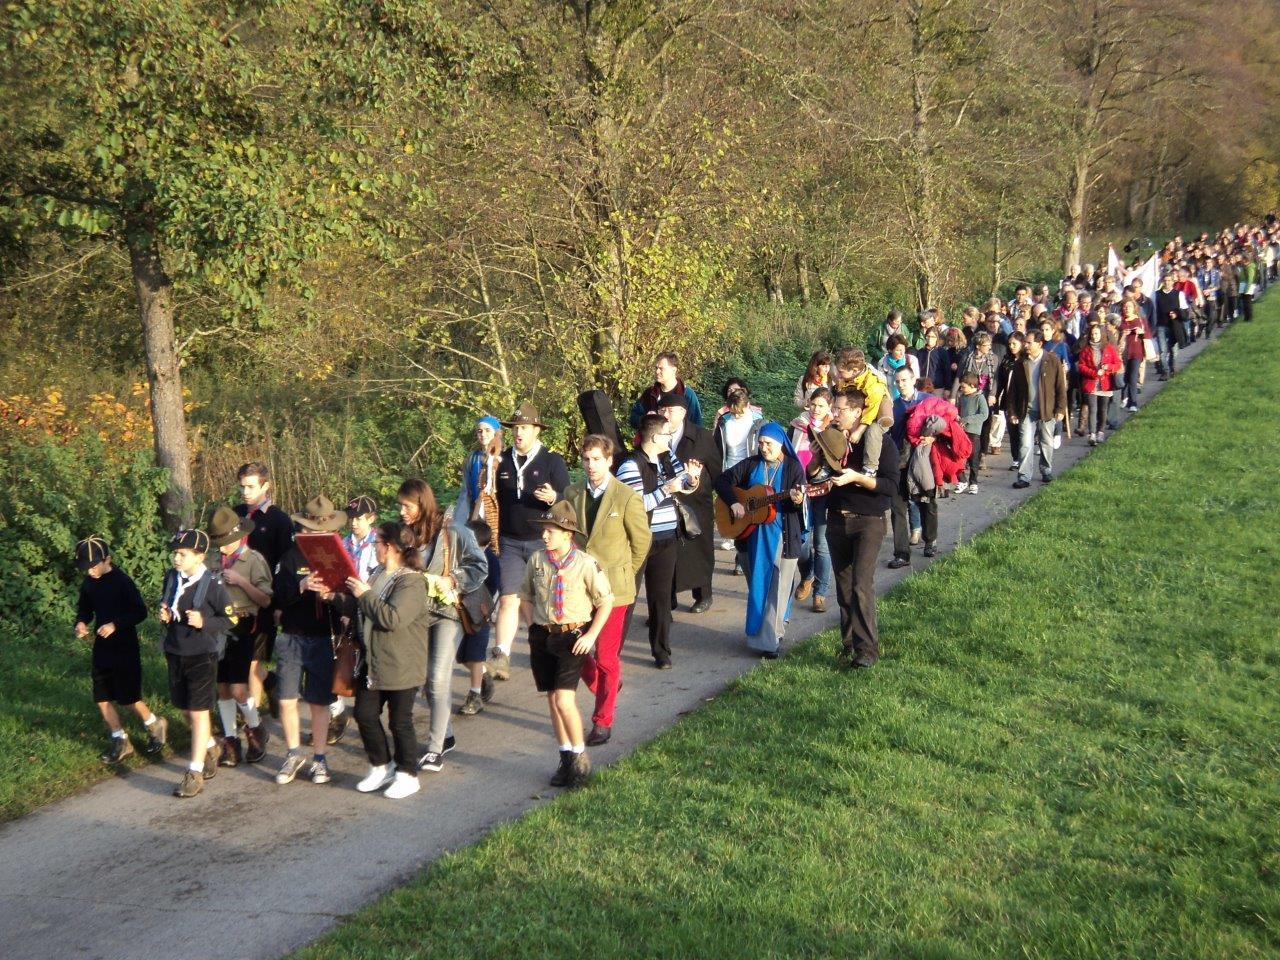 Marcha-Nueva-Evangelizacion-luxemburgo (3)